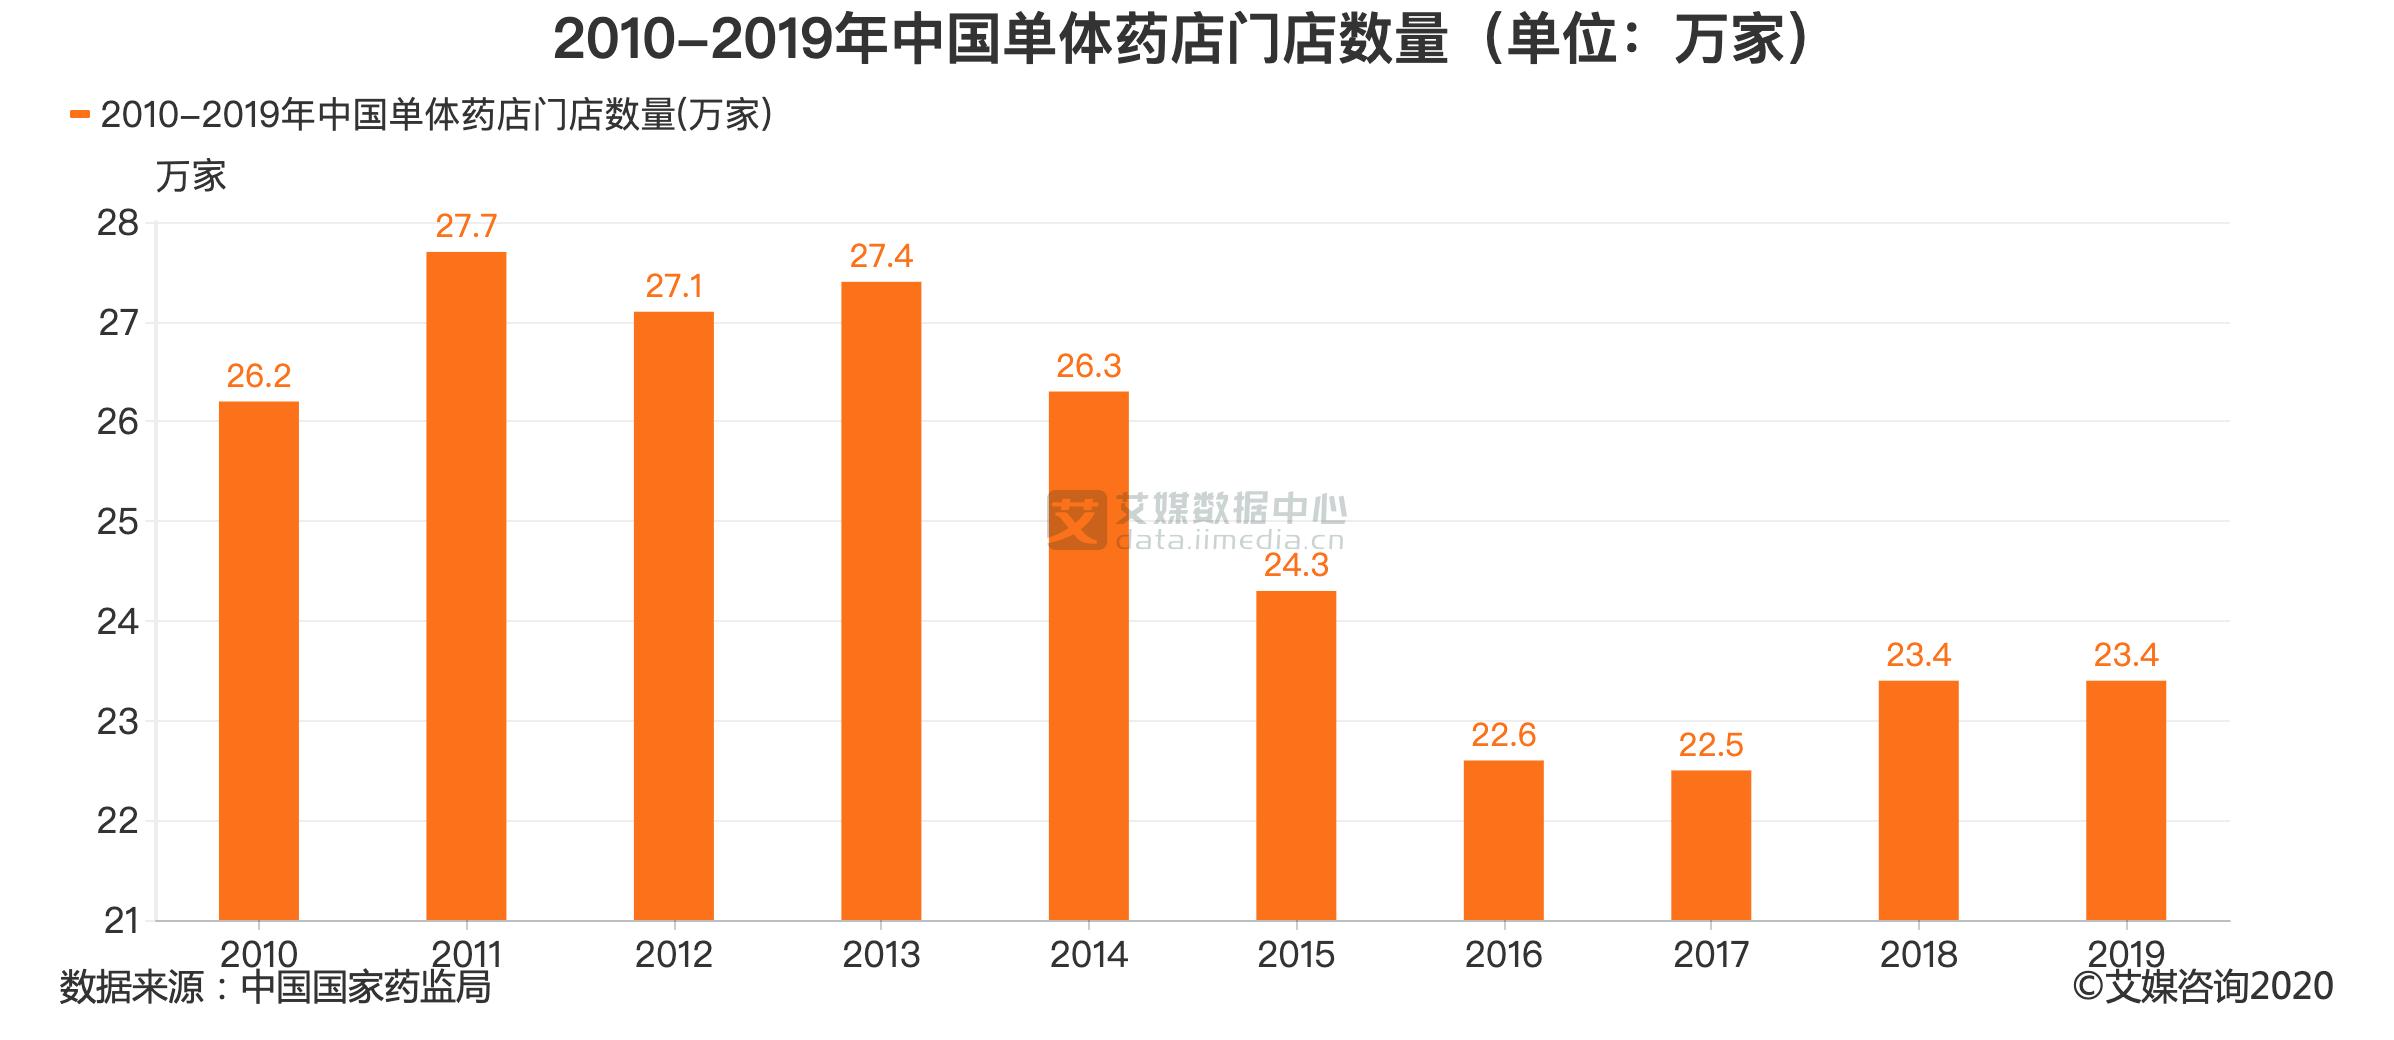 2010-2019年中国单体药店门店数量(单位:万家)